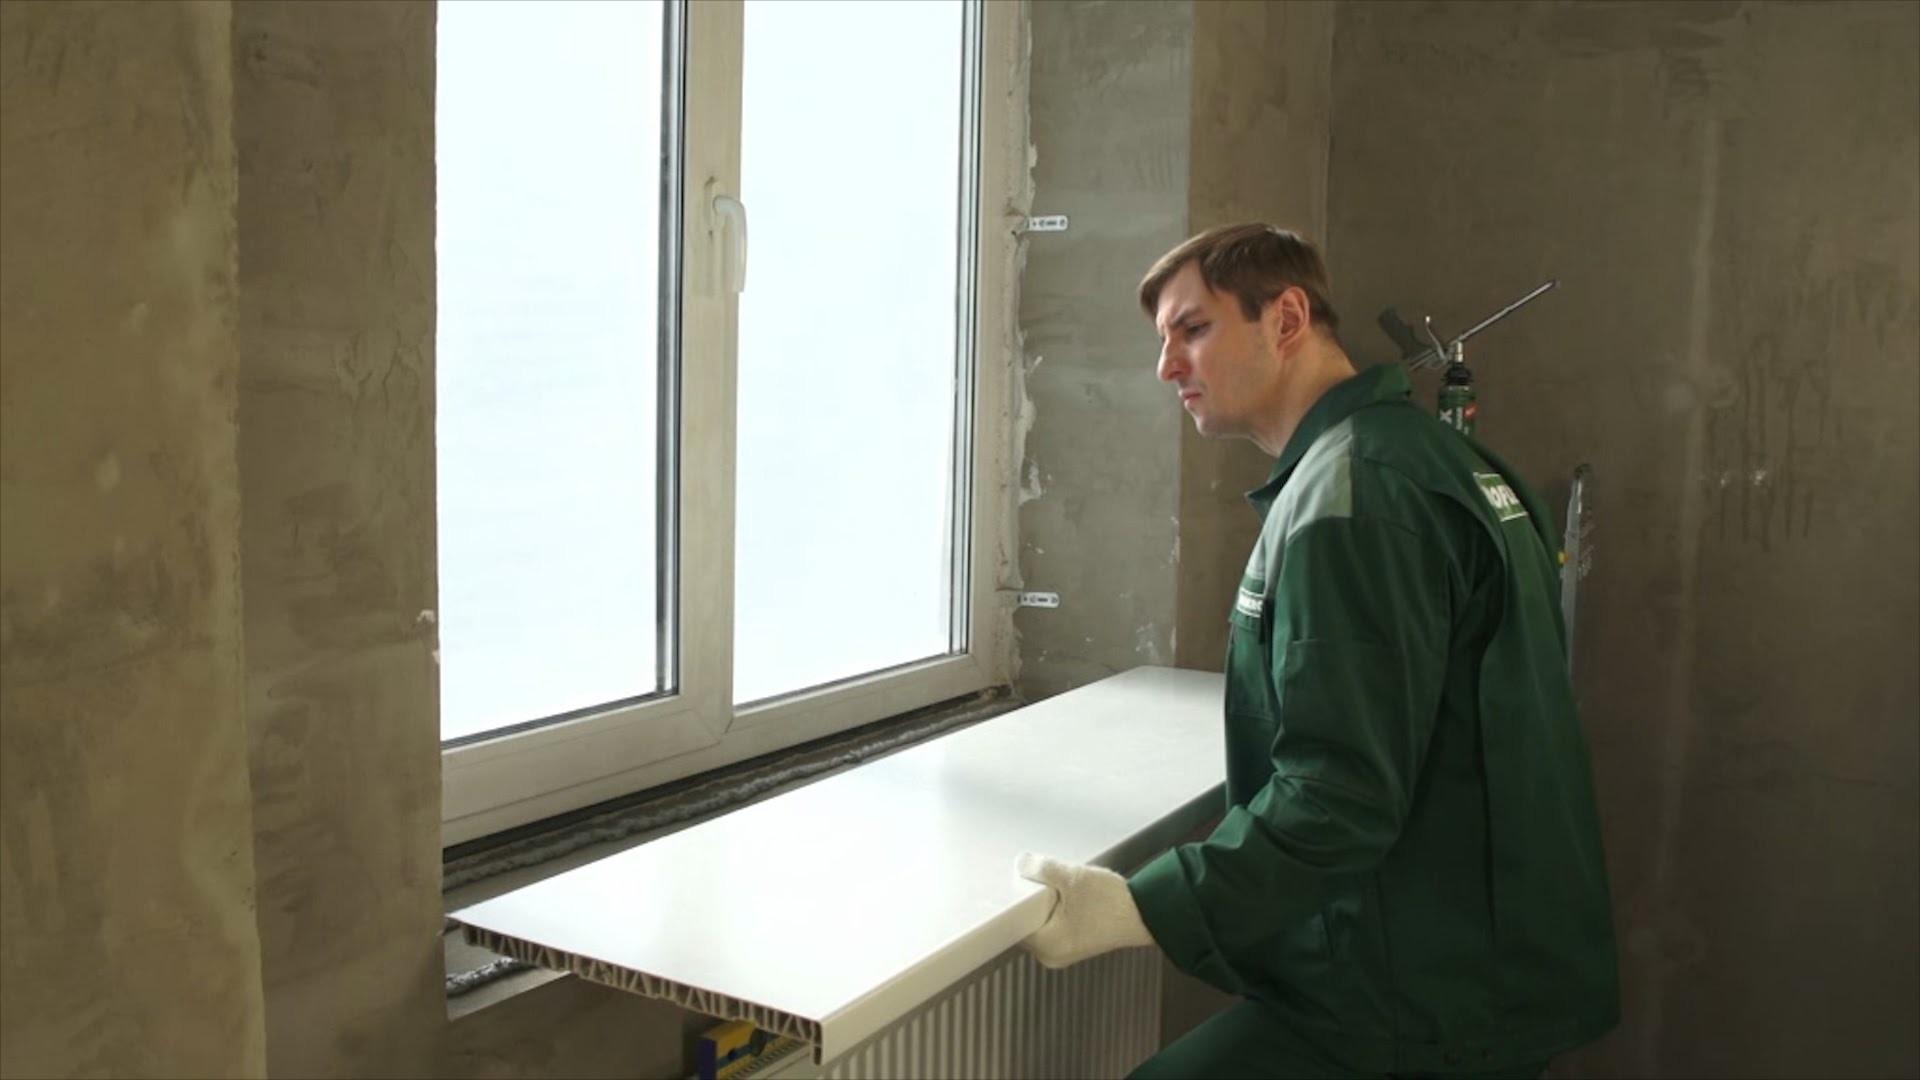 при установке окна и подоконника могут остаться следы пены